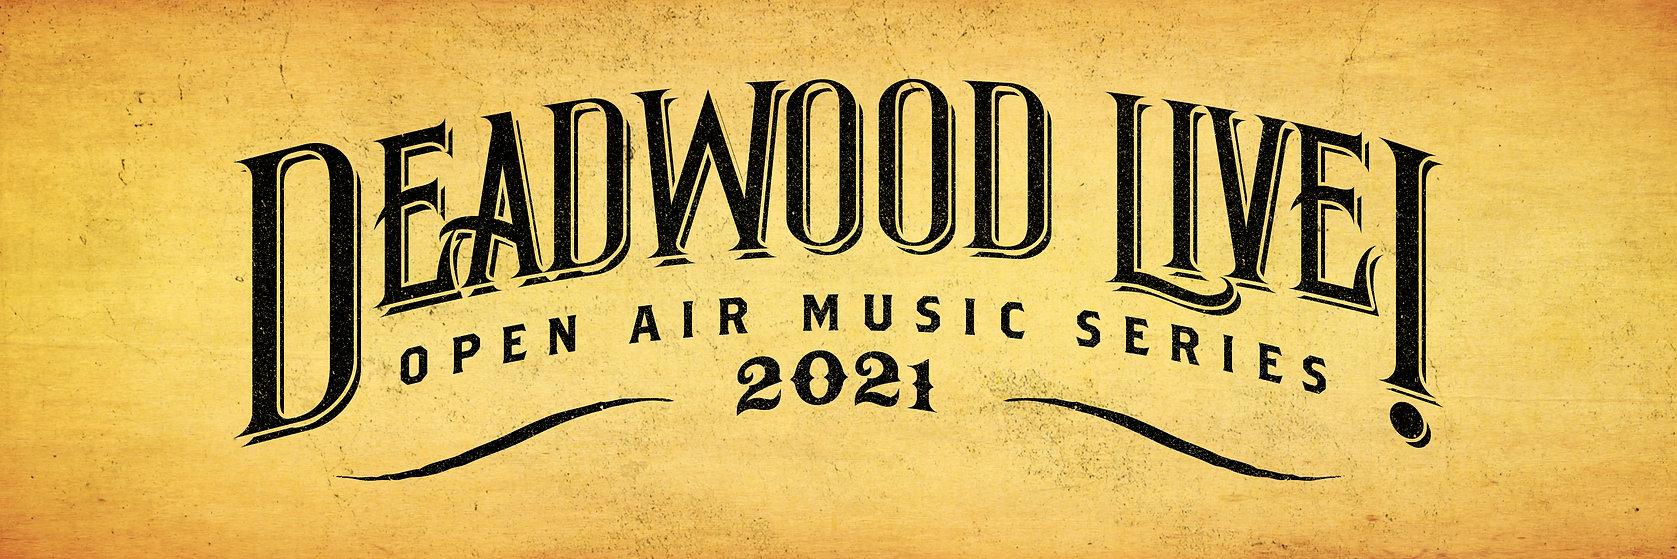 DeadwoodLive_2021_Website_3000x1000_Head